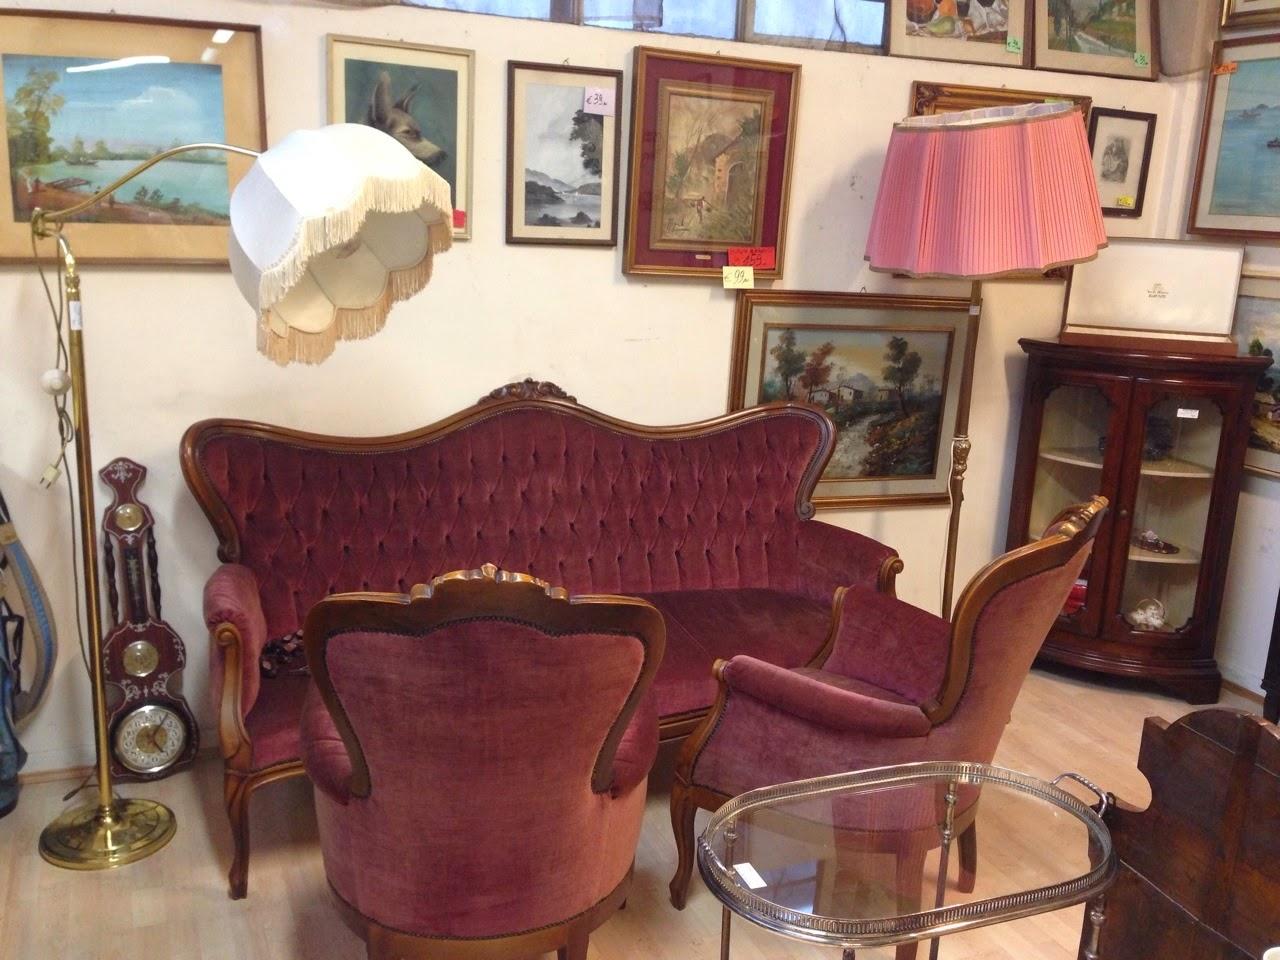 La piazza degli affari: mobili d'arte povera, classica, vintage ...